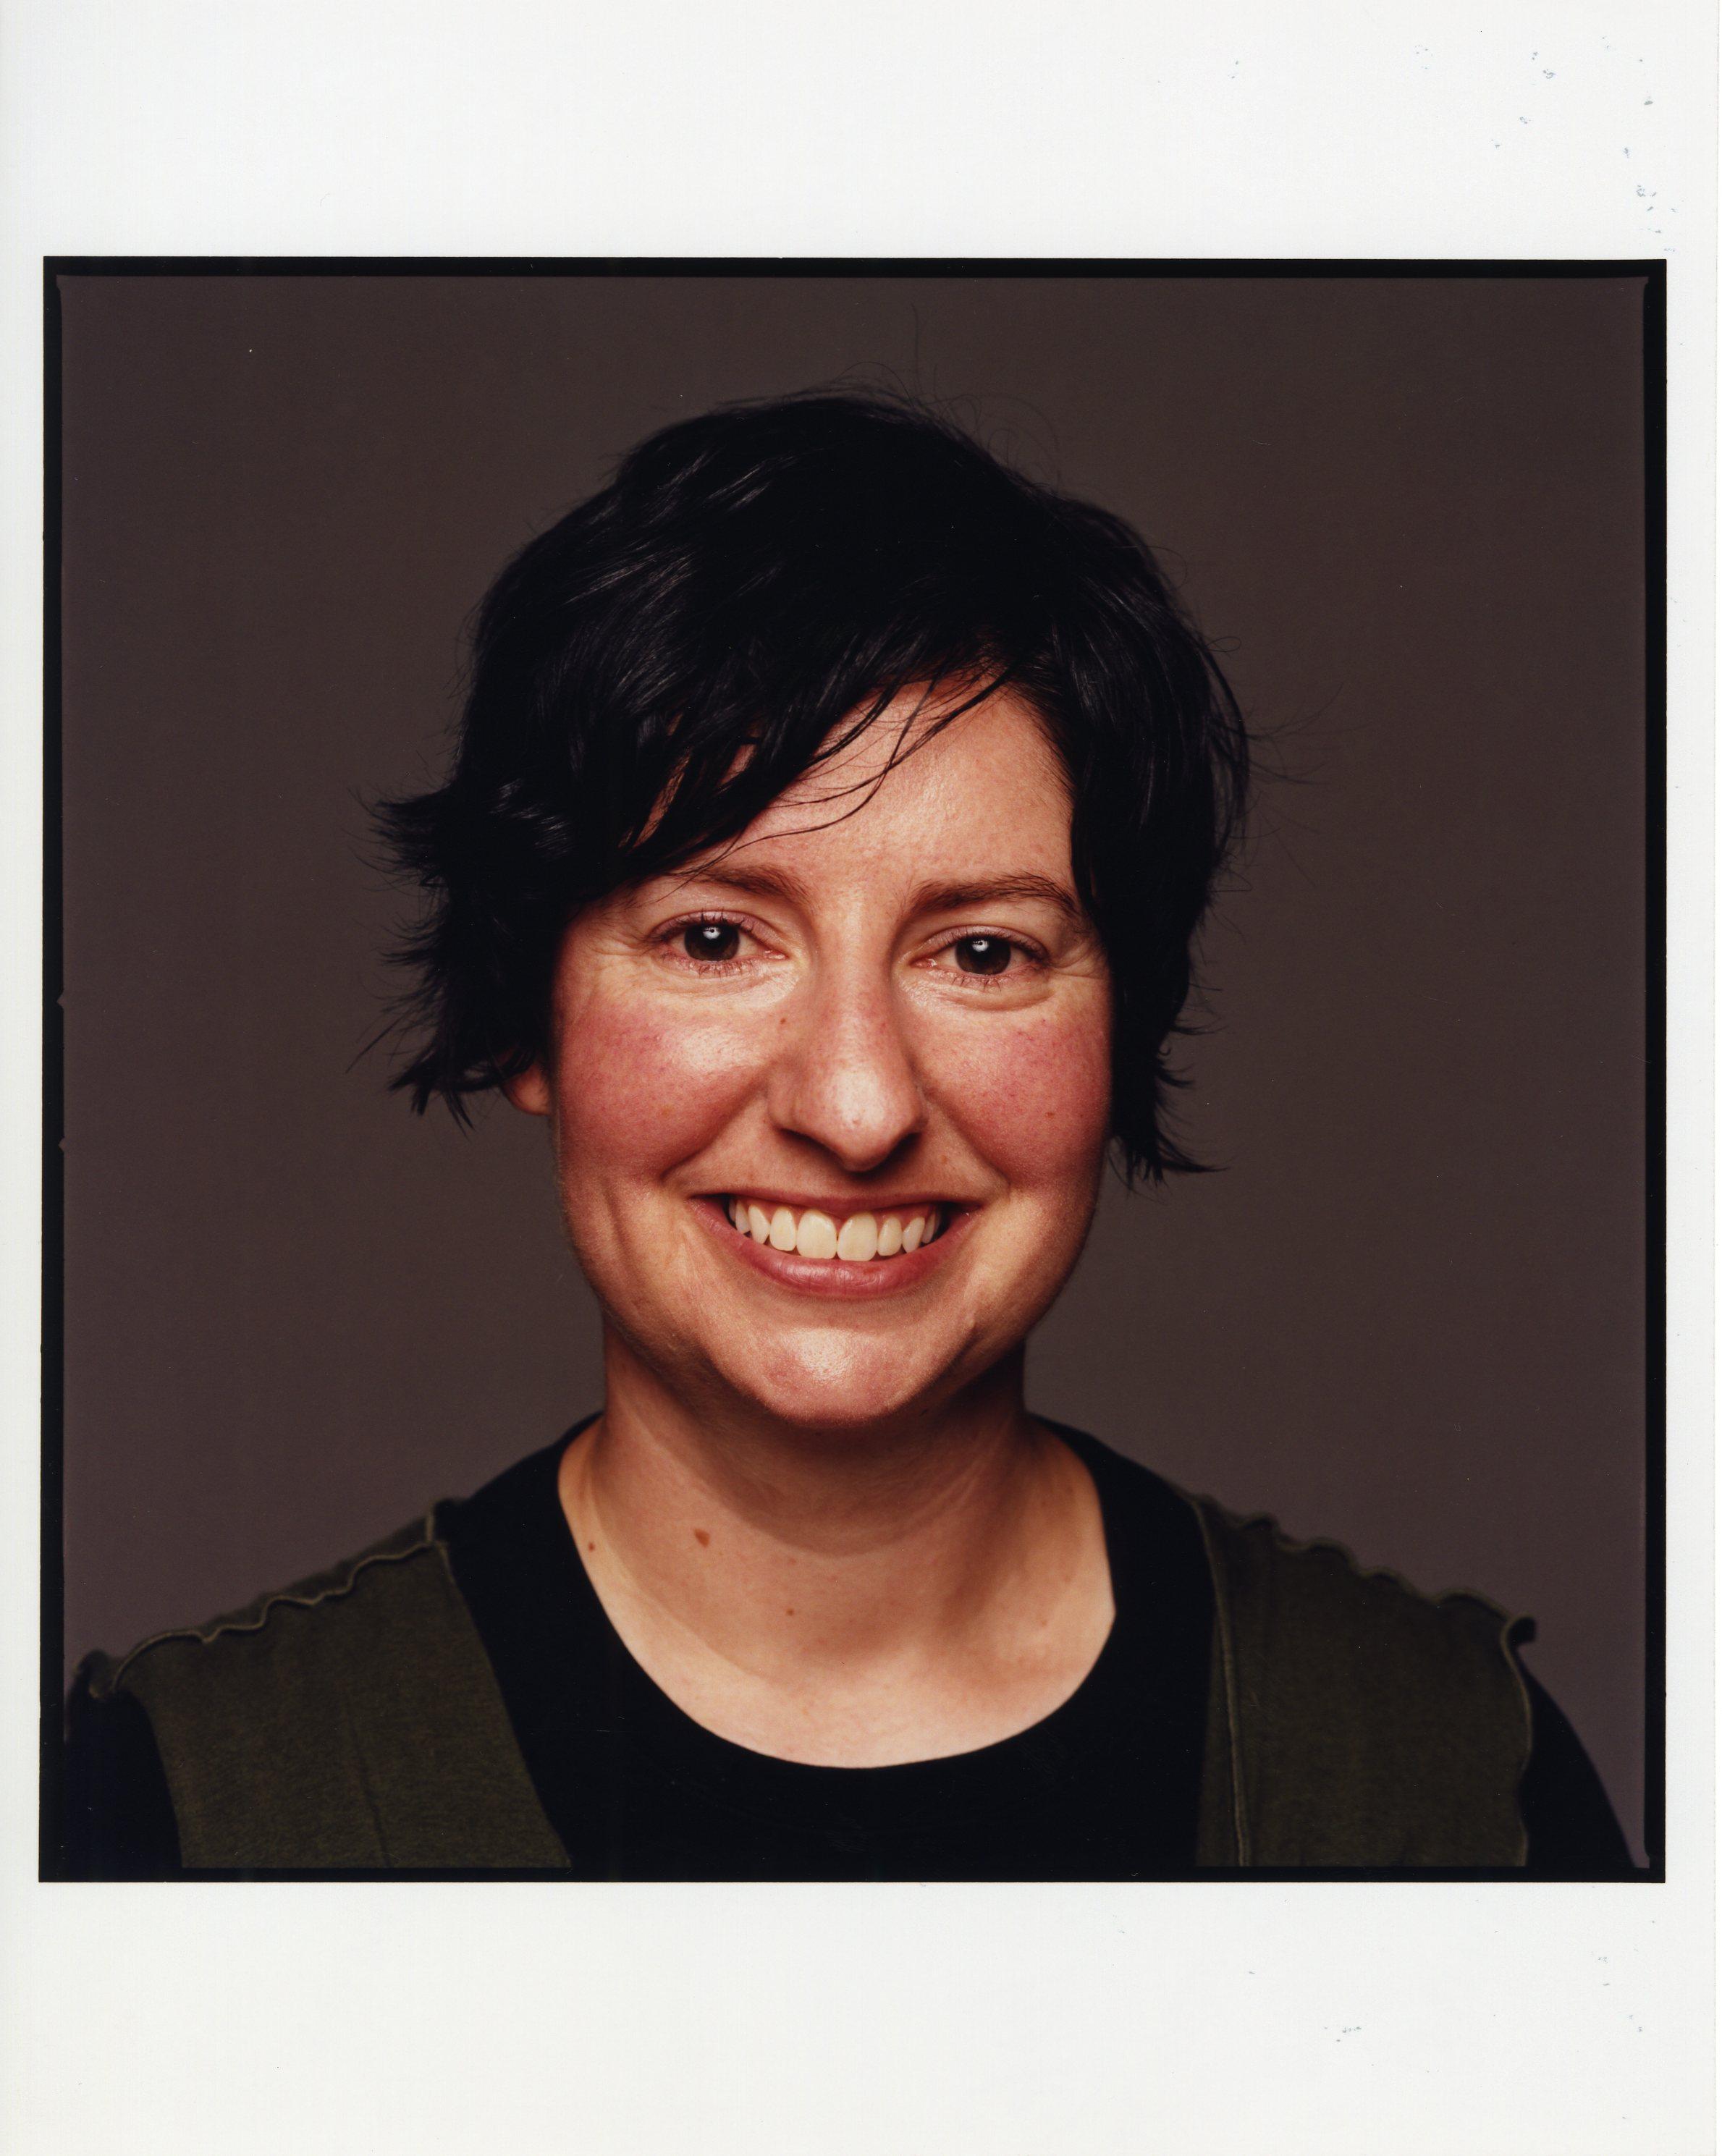 Company Founder - Rachel Winard